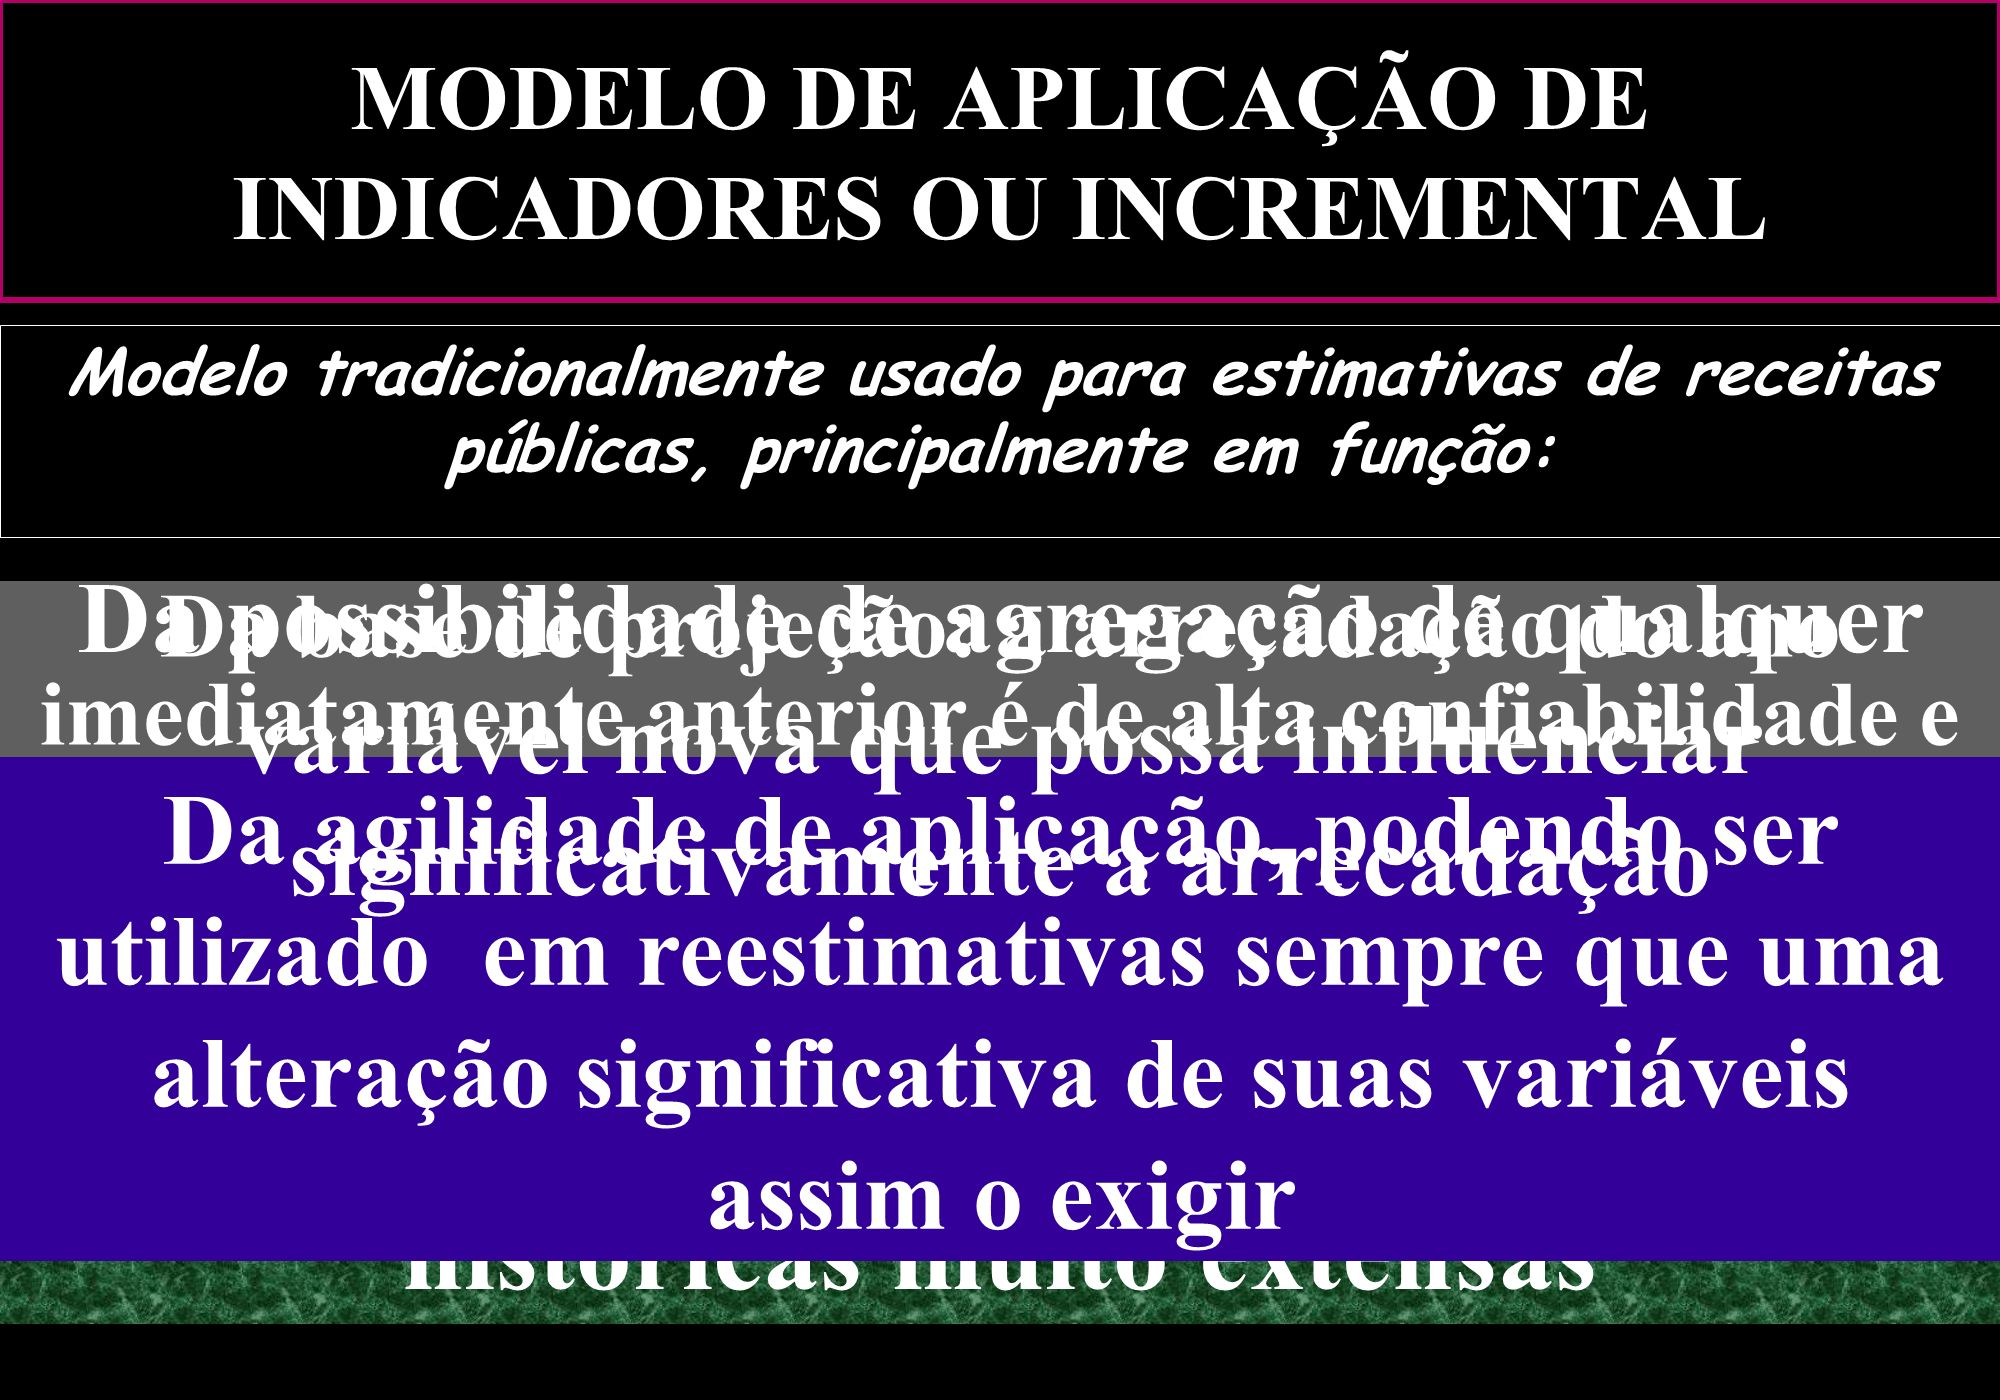 MODELO DE APLICAÇÃO DE INDICADORES OU INCREMENTAL